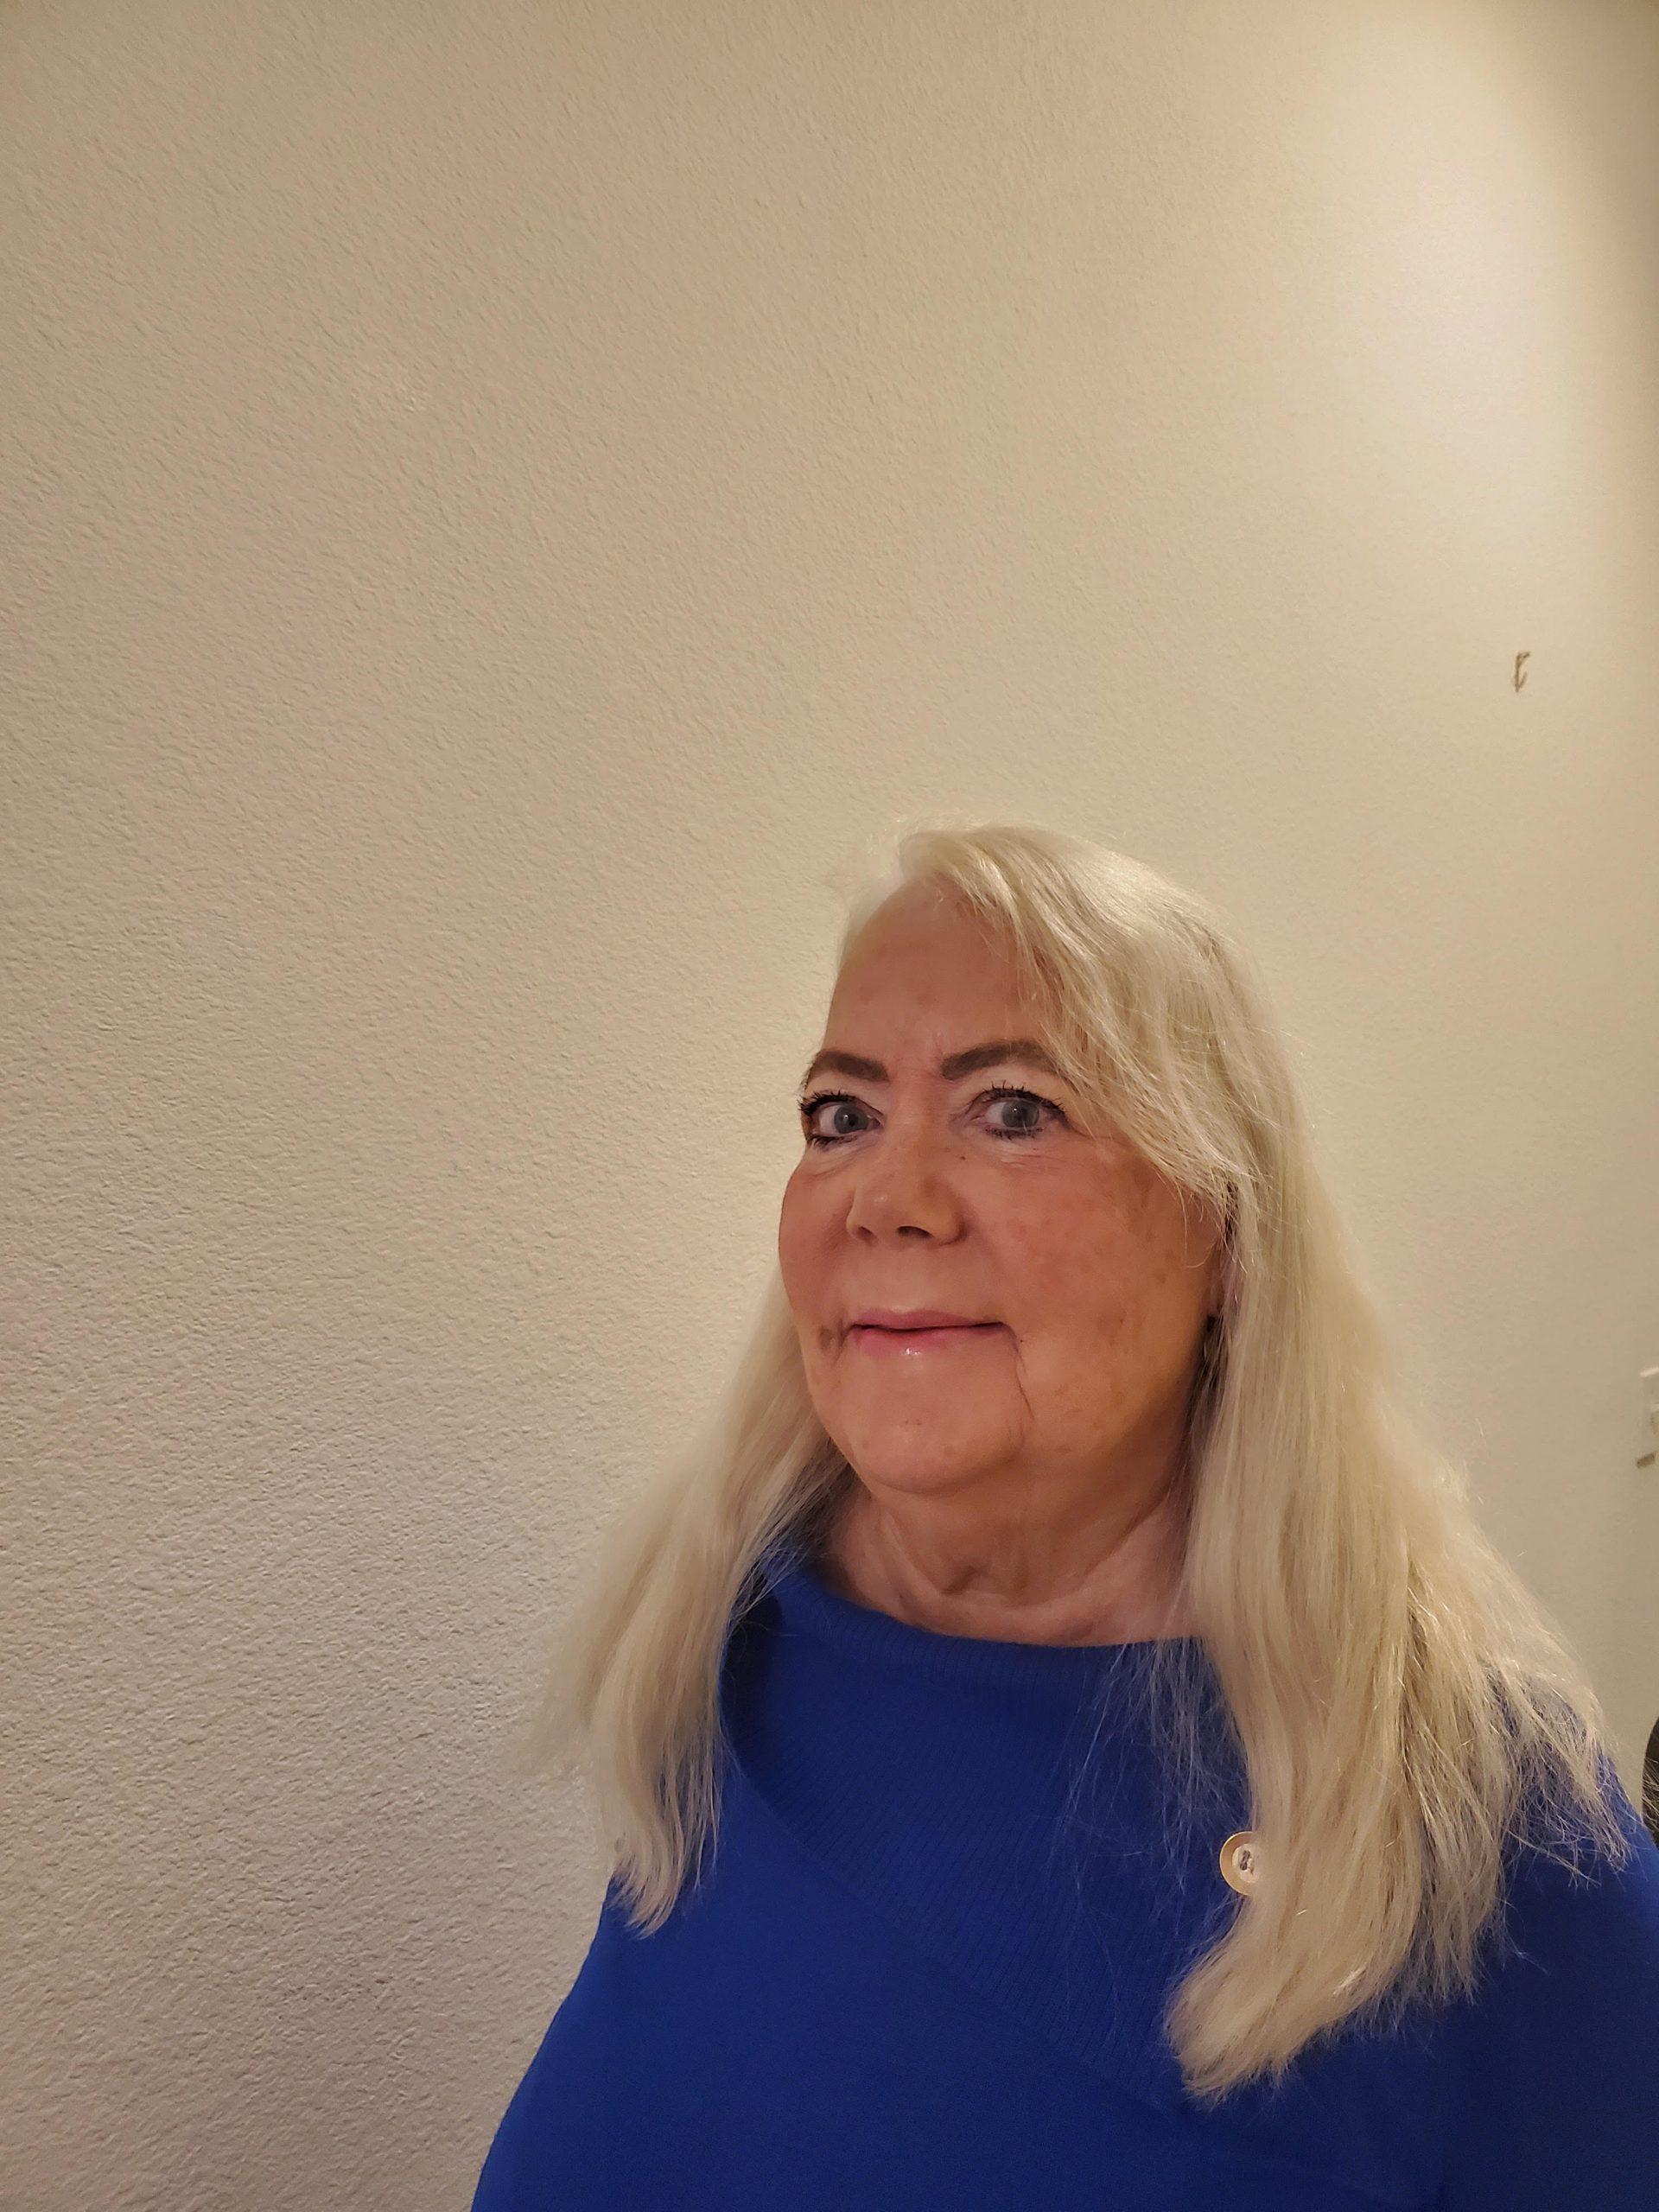 Joanne Singer